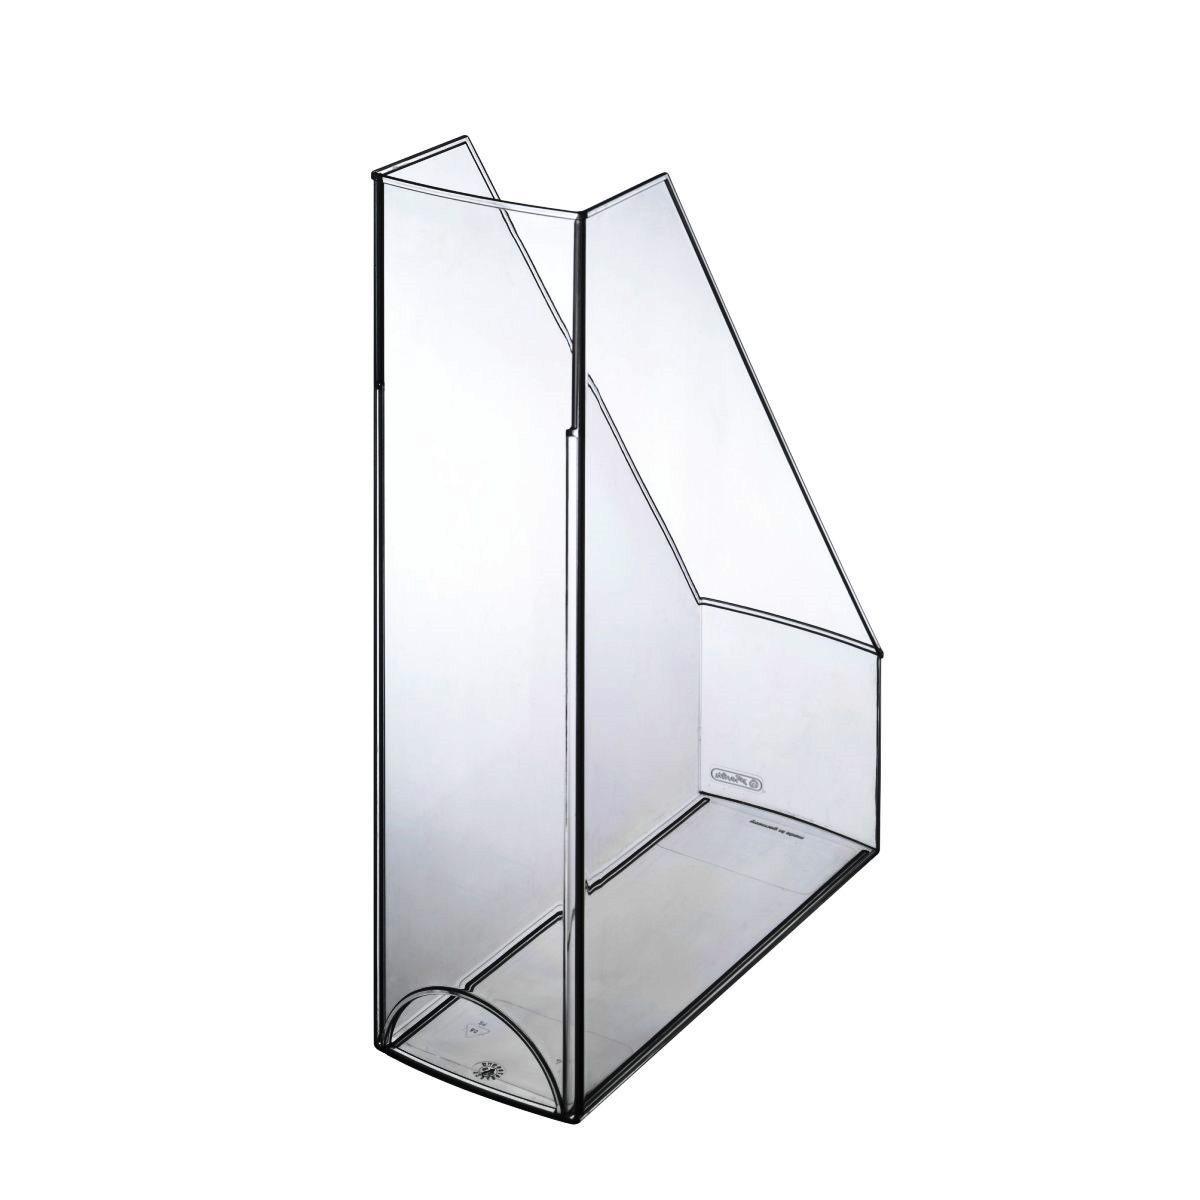 Лоток для бумаг вертикальный Herlitz Premium 8.5см глянцевый прозрачный